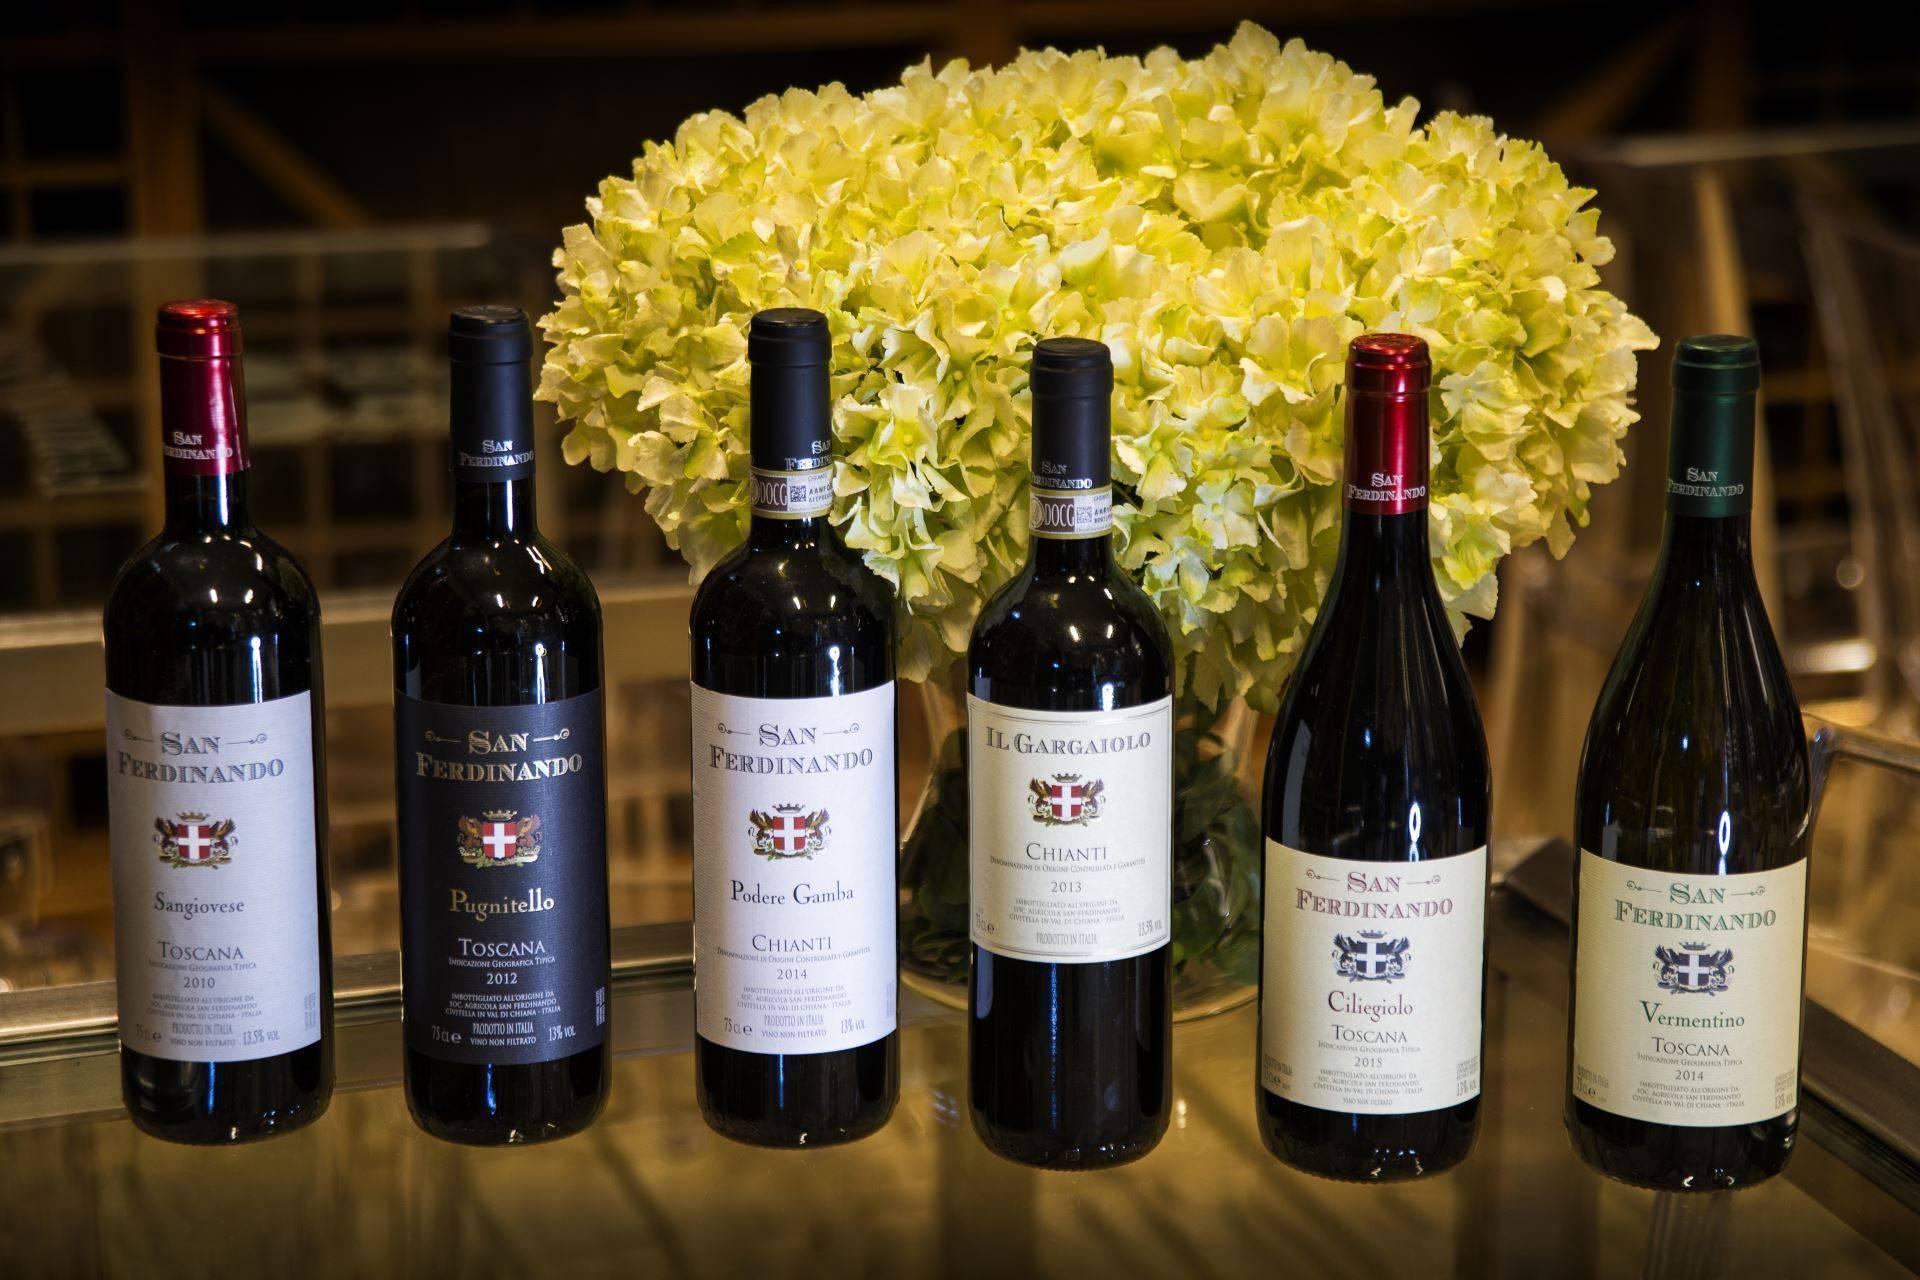 Тосканские вина: рейтинг лучших, виды, классификация, вкусовые качества, состав, примерная цена и правила винопития